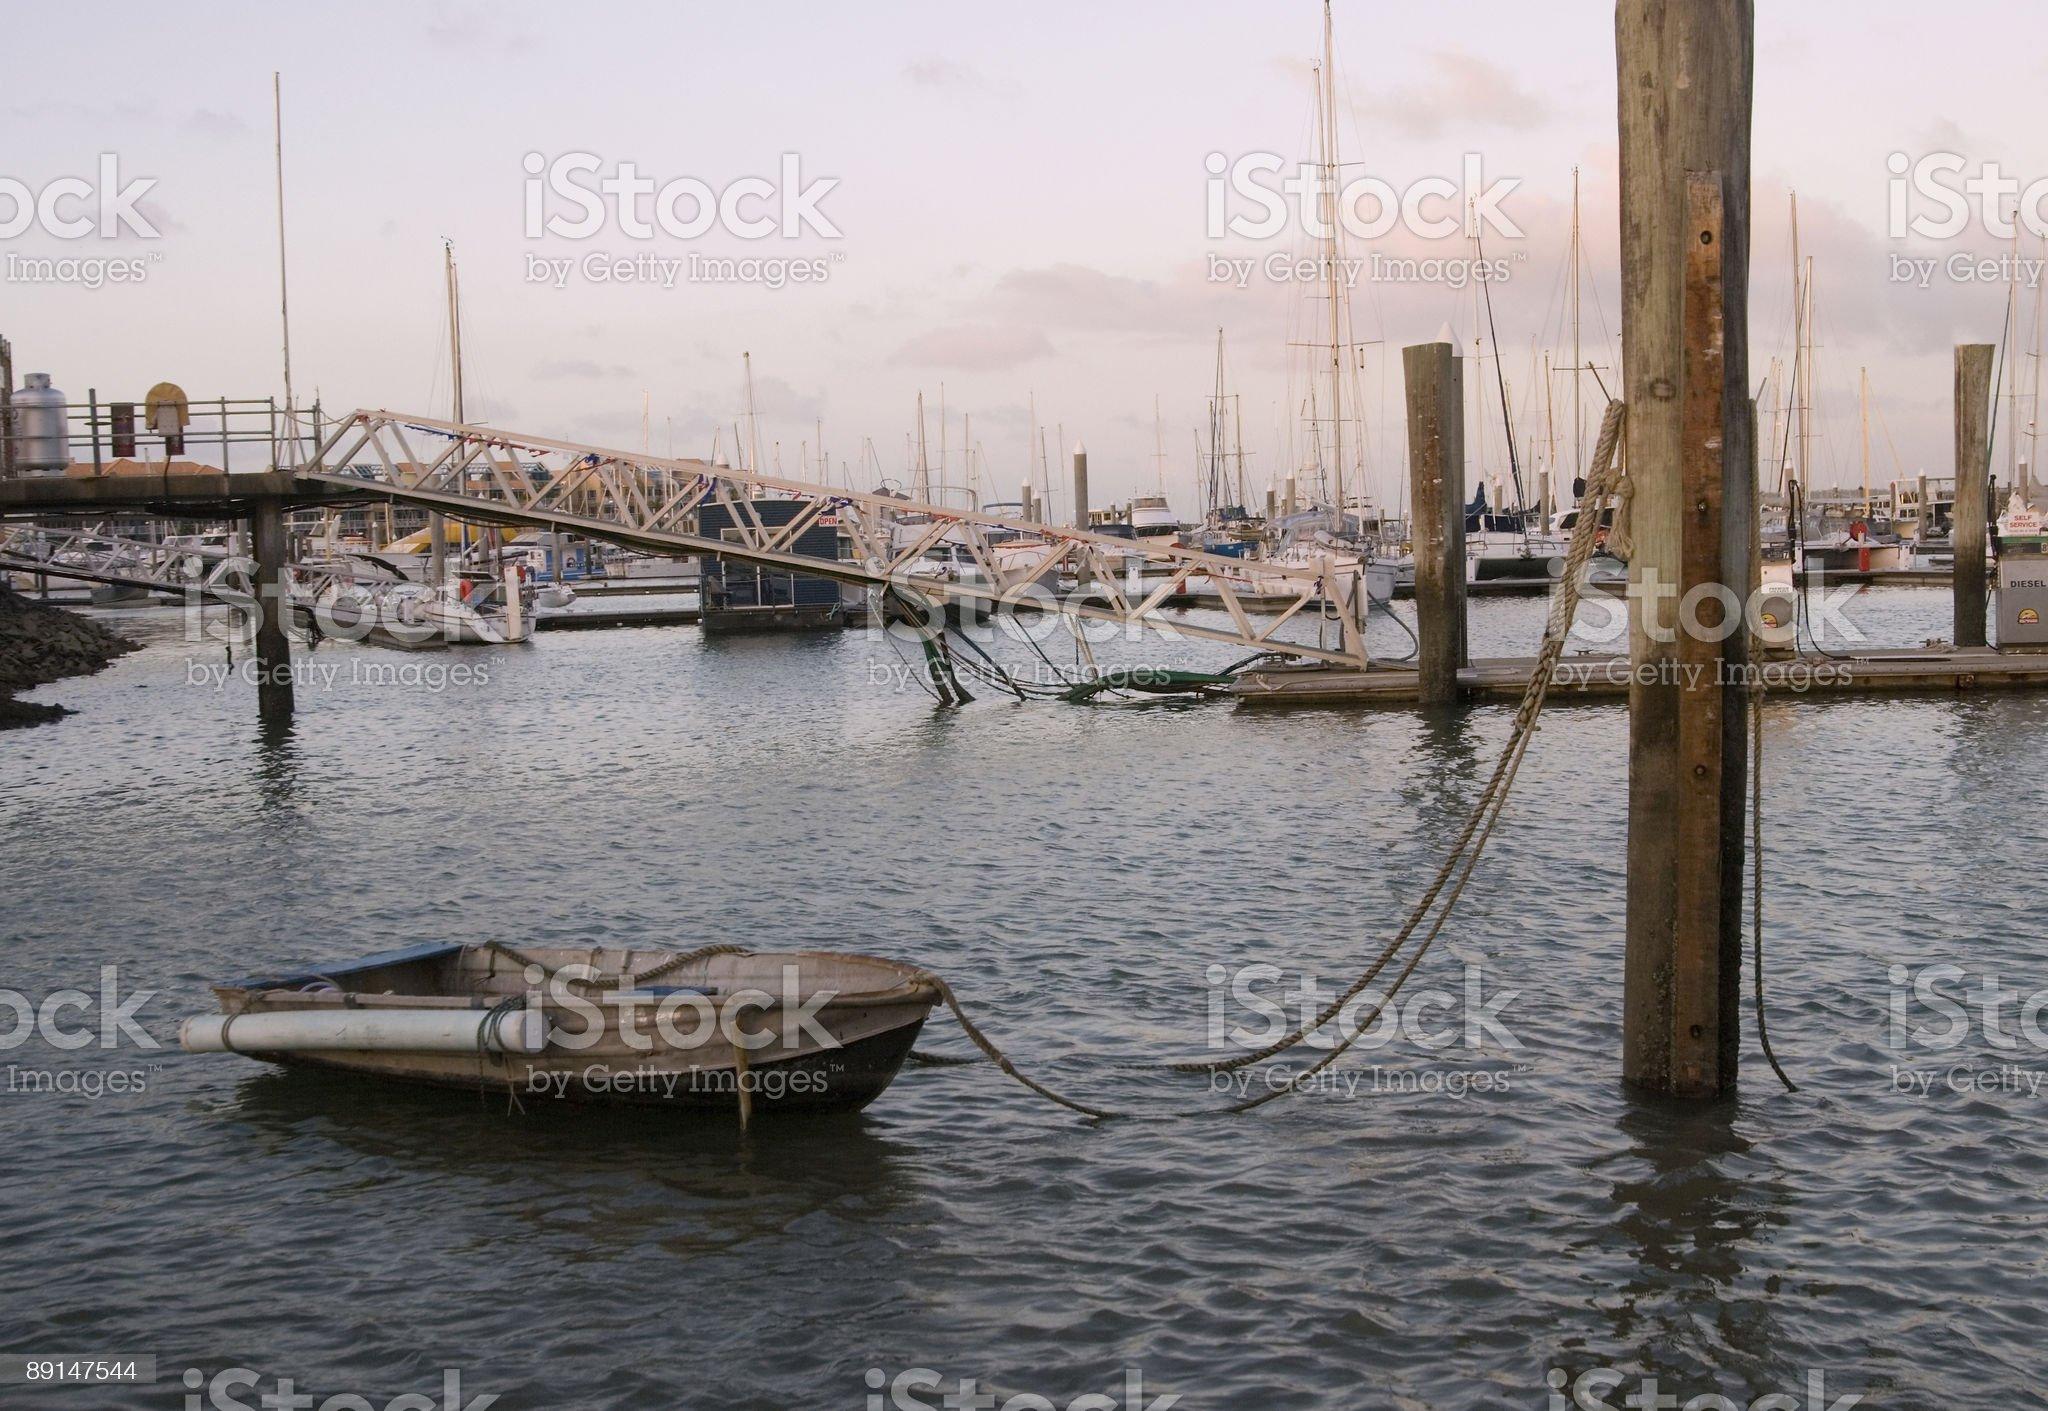 Boats at Hervey Bay, Australia royalty-free stock photo